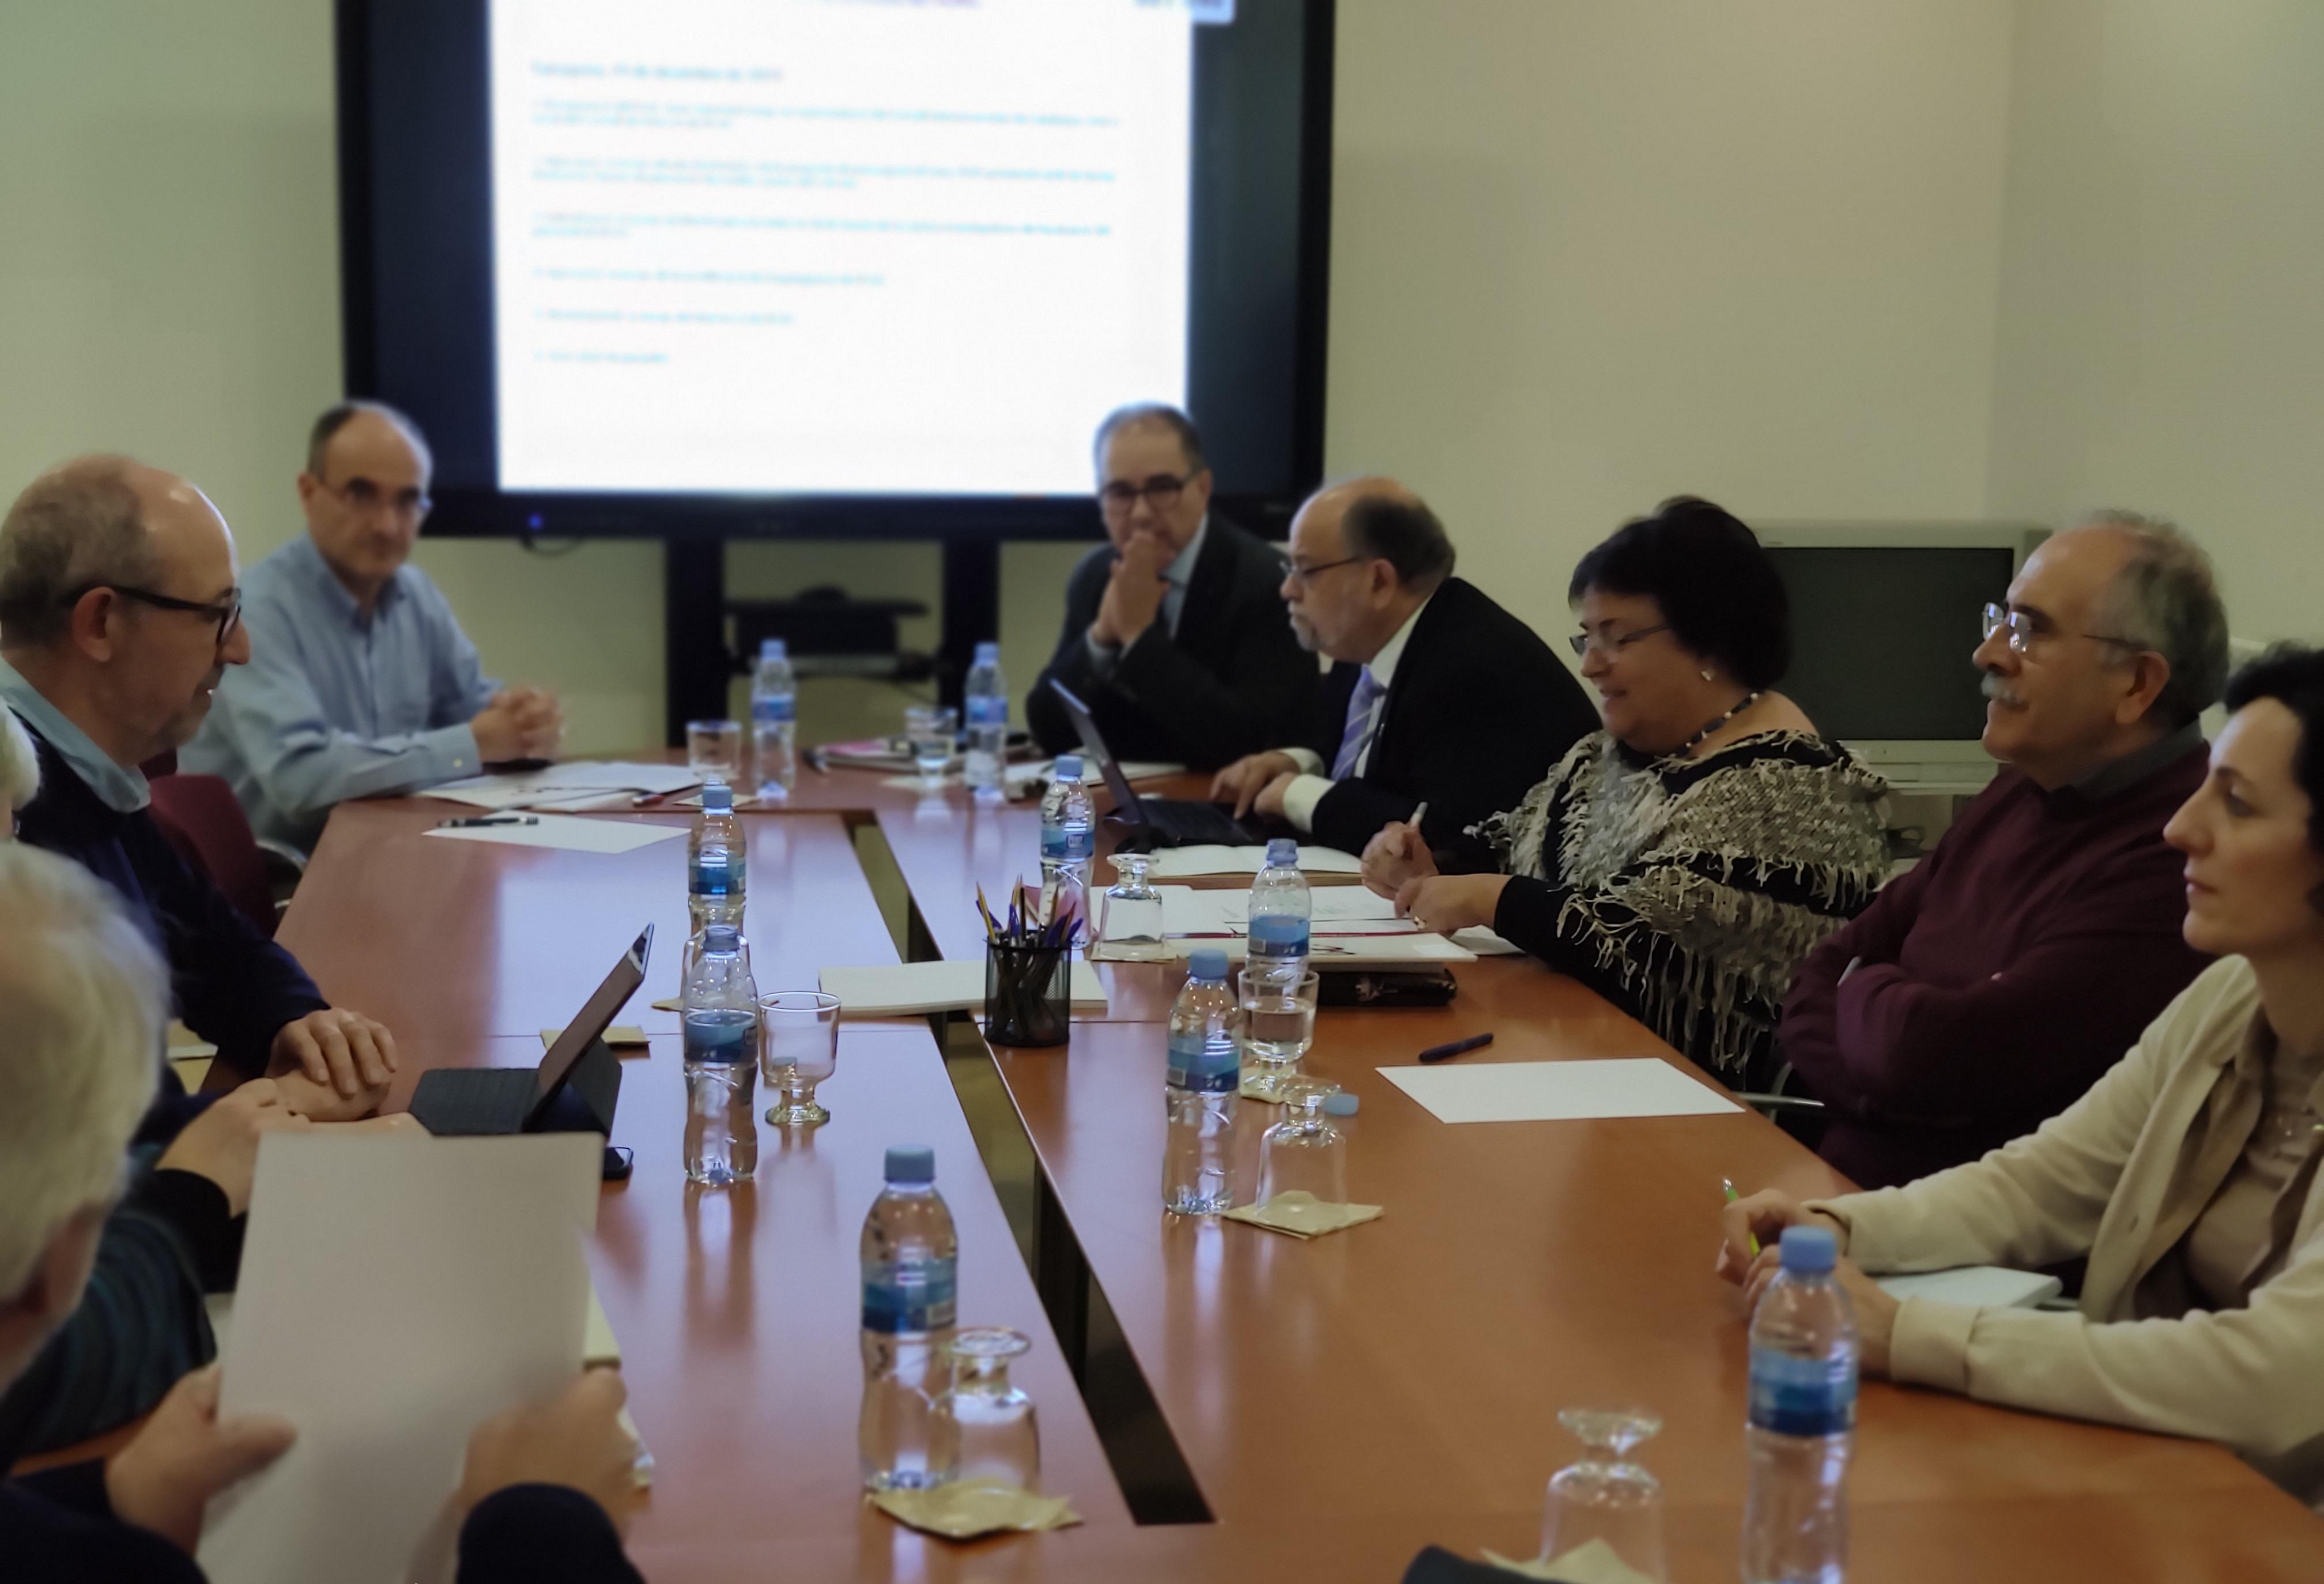 Reunió del Consell de Direcció de l'ICAC, 19/12/19 (@ ICAC)